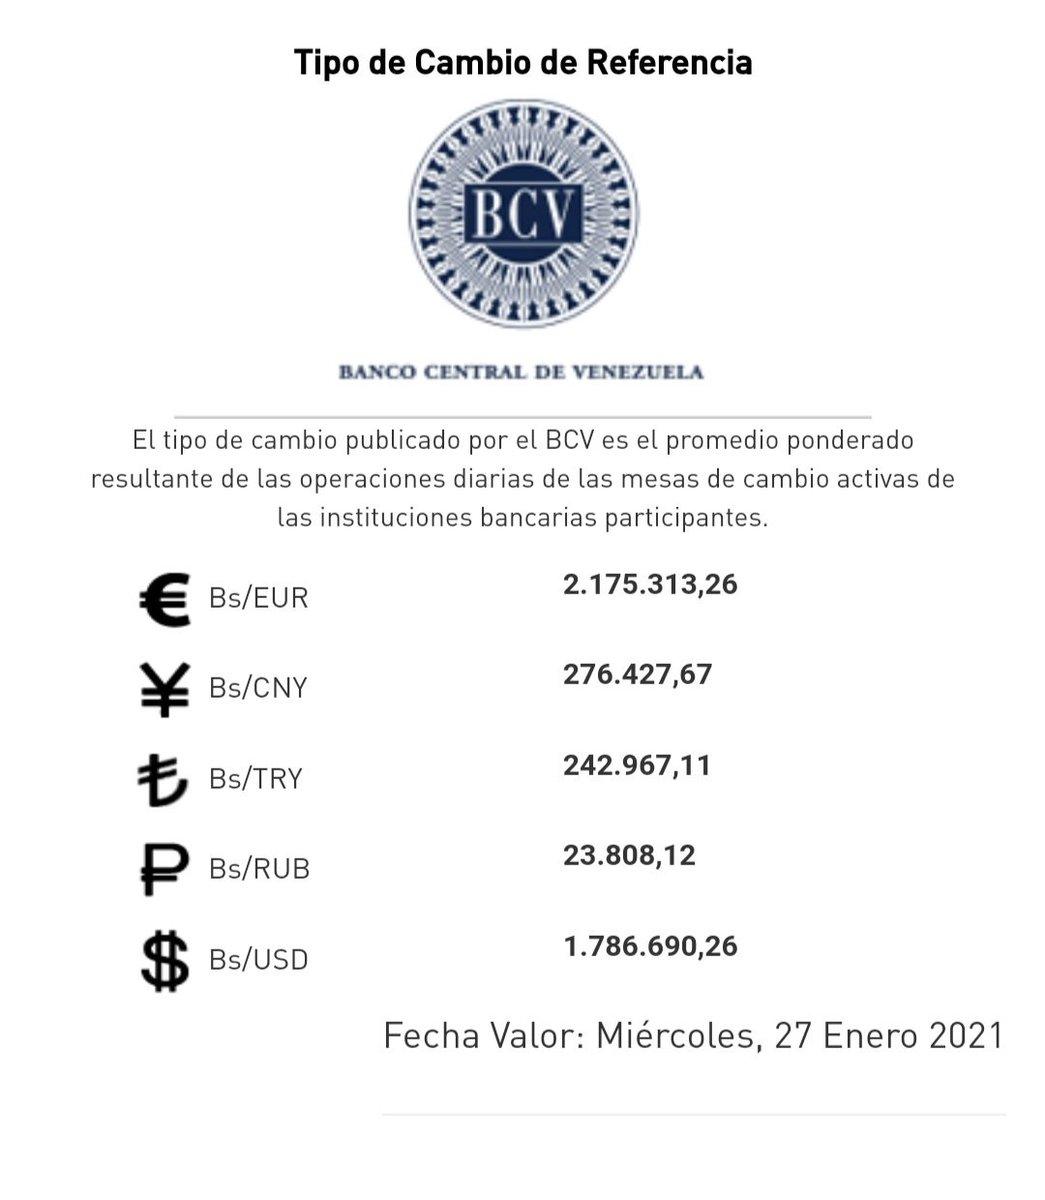 ENE 26-21 Atentos¡ A la caza del #Paralelo   SUBE la tasa Oficial BCV a 1.786.690,26 Bs x $ #ElVerdaderoDolarAsesinoBCV #ApasodeVencedores #Dolar #Euro #MonitorDolarCucuta #Dolarvzla #DolarToday #TasaPromedio #Divisas #Bitcoin #Venezuela #SoberanamenteDevaluado #PetroFiasco #BCV